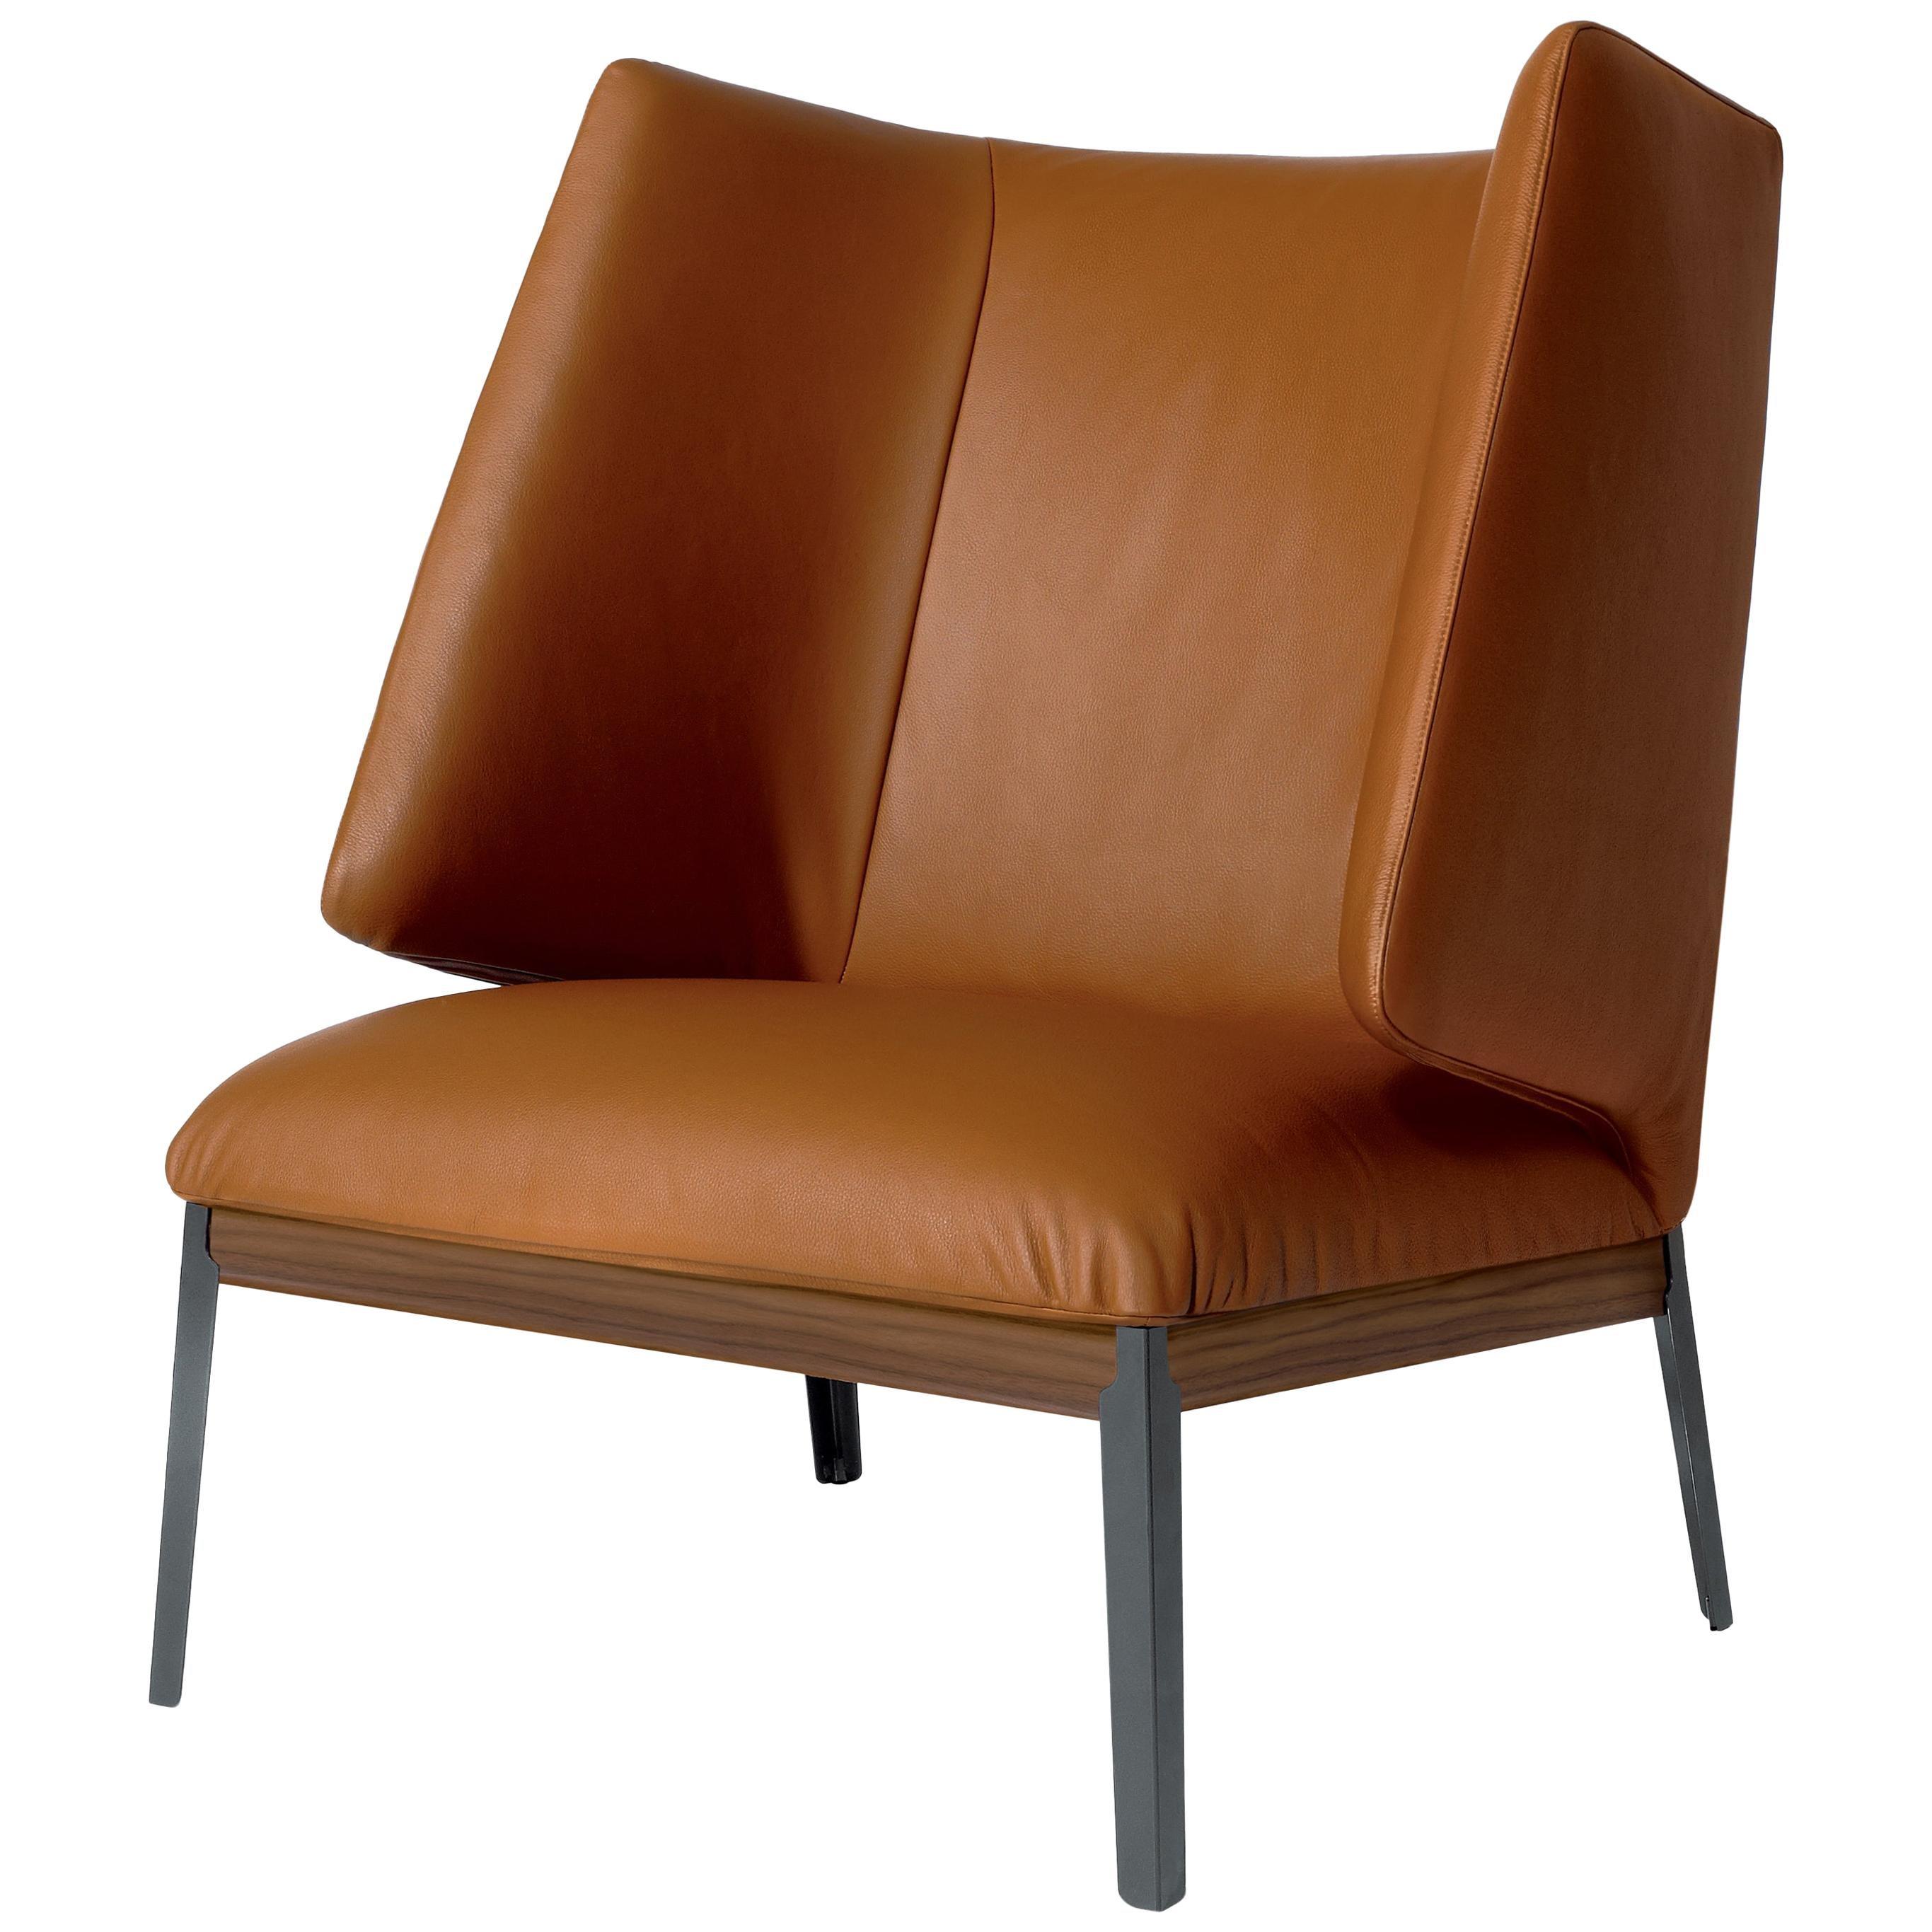 Arflex Hug Armchair High Backrest in Giada Leather by Claesson Koivisto Rune